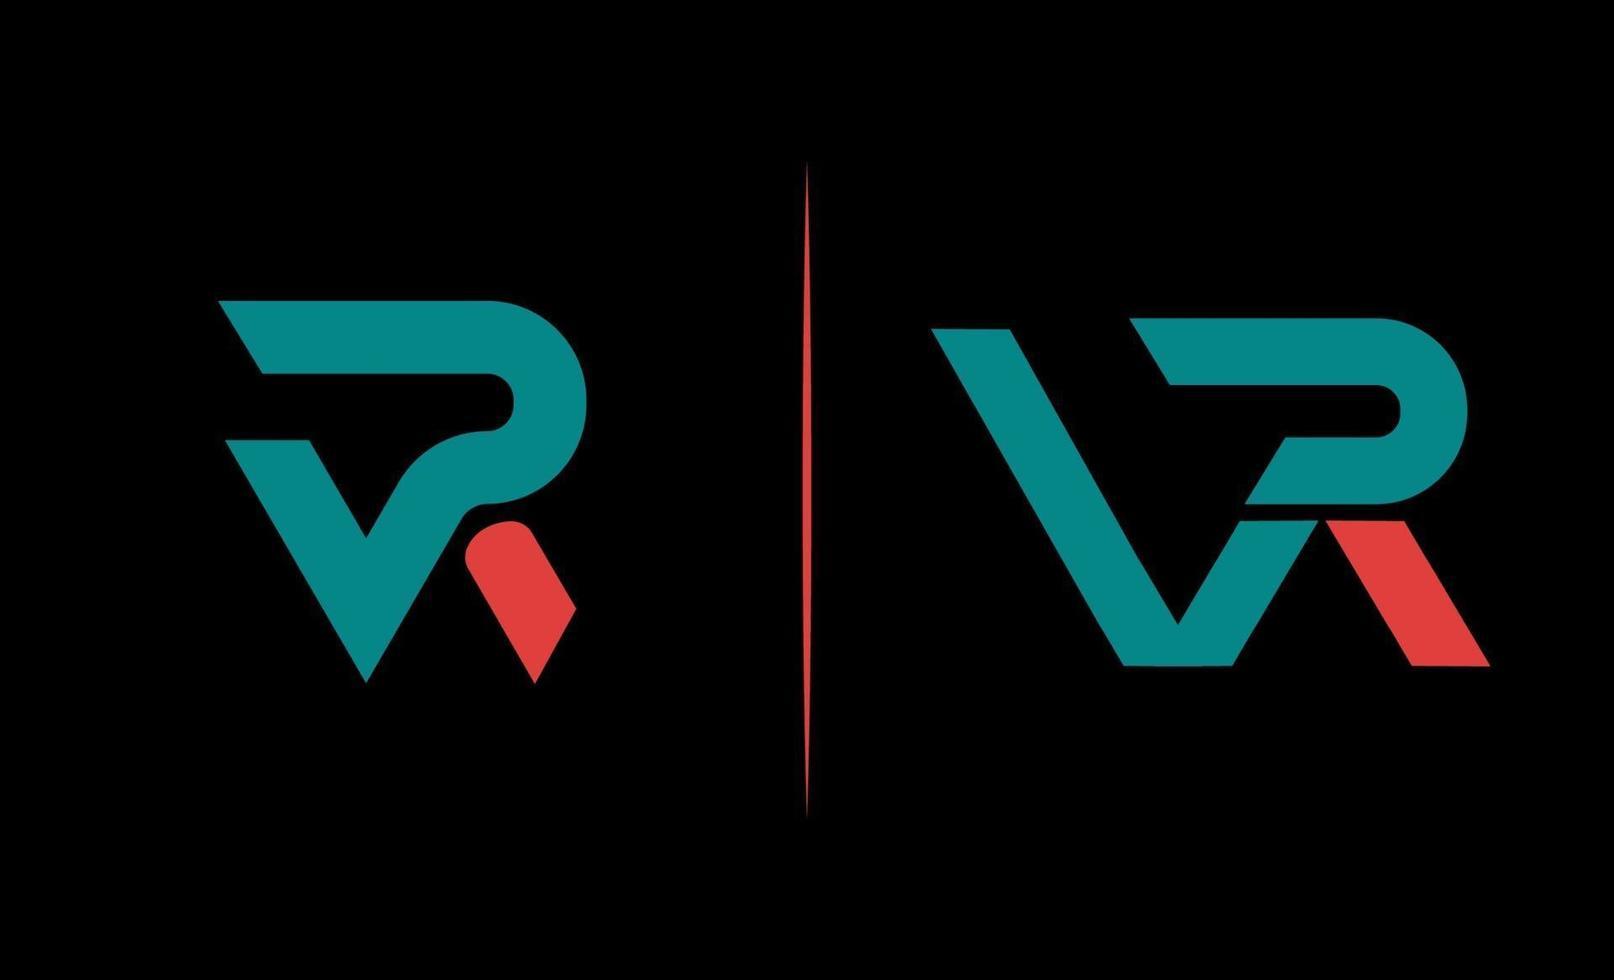 första vr monogram kreativ logotyp designmall vektor